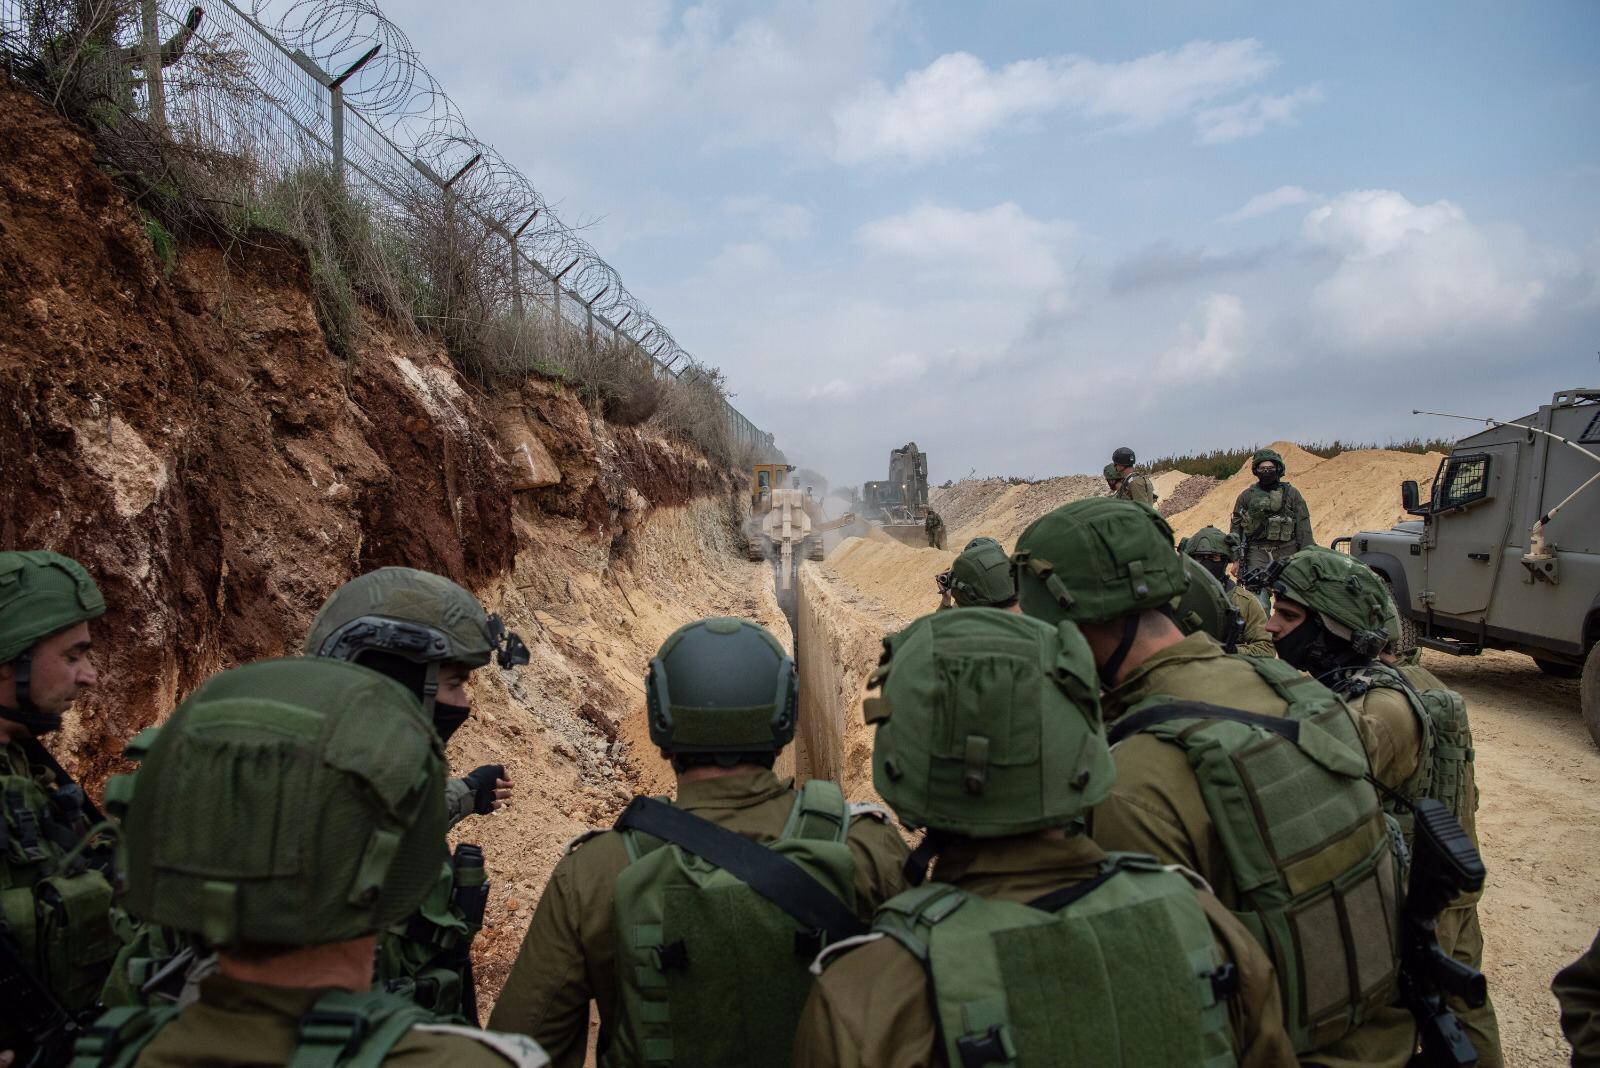 Le chef d'Etat-major Gadi Eizenkot, au centre, rend visite à des soldats cherchant des tunnels d'attaque du Hezbollah sur la frontière israélo-libanaise, le 4 décembre 2018